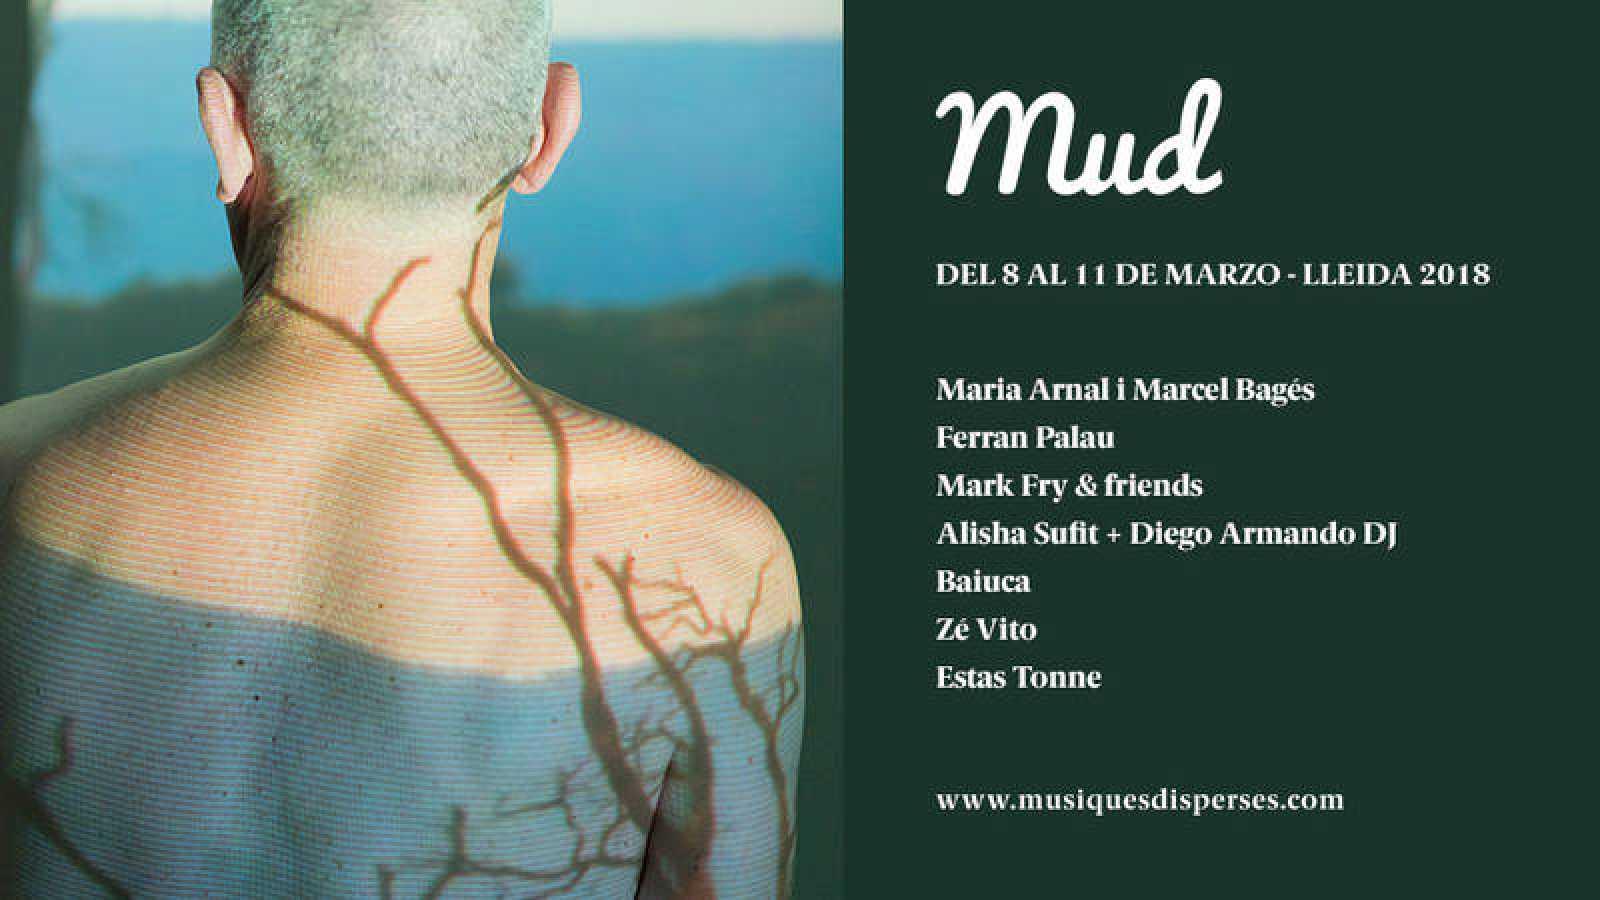 mud 2018 musiques disperses